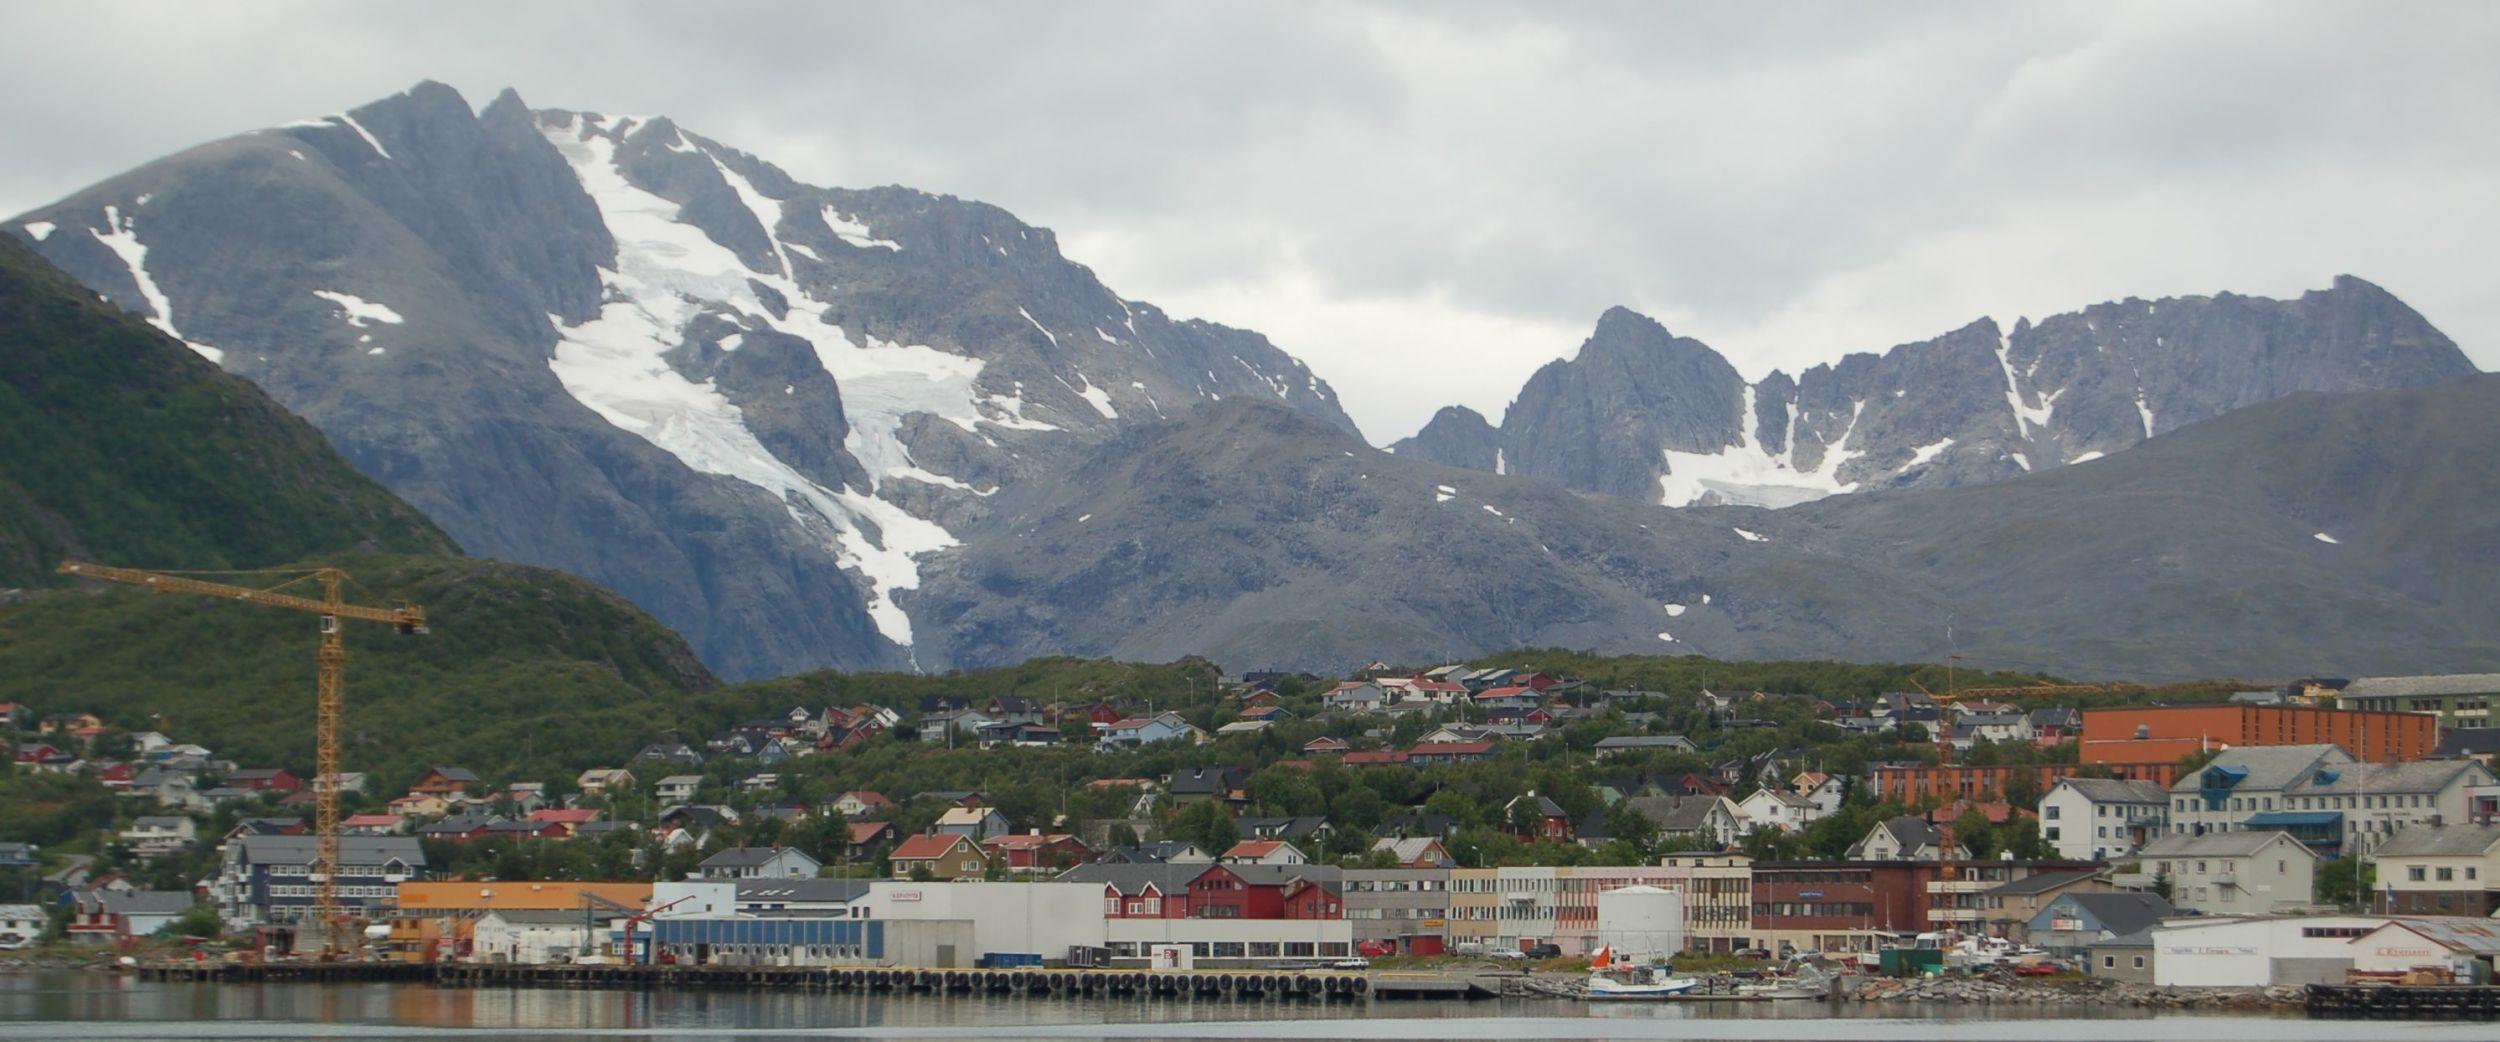 Skjervøy, Photo: Holger Buricke, nordnorge.com